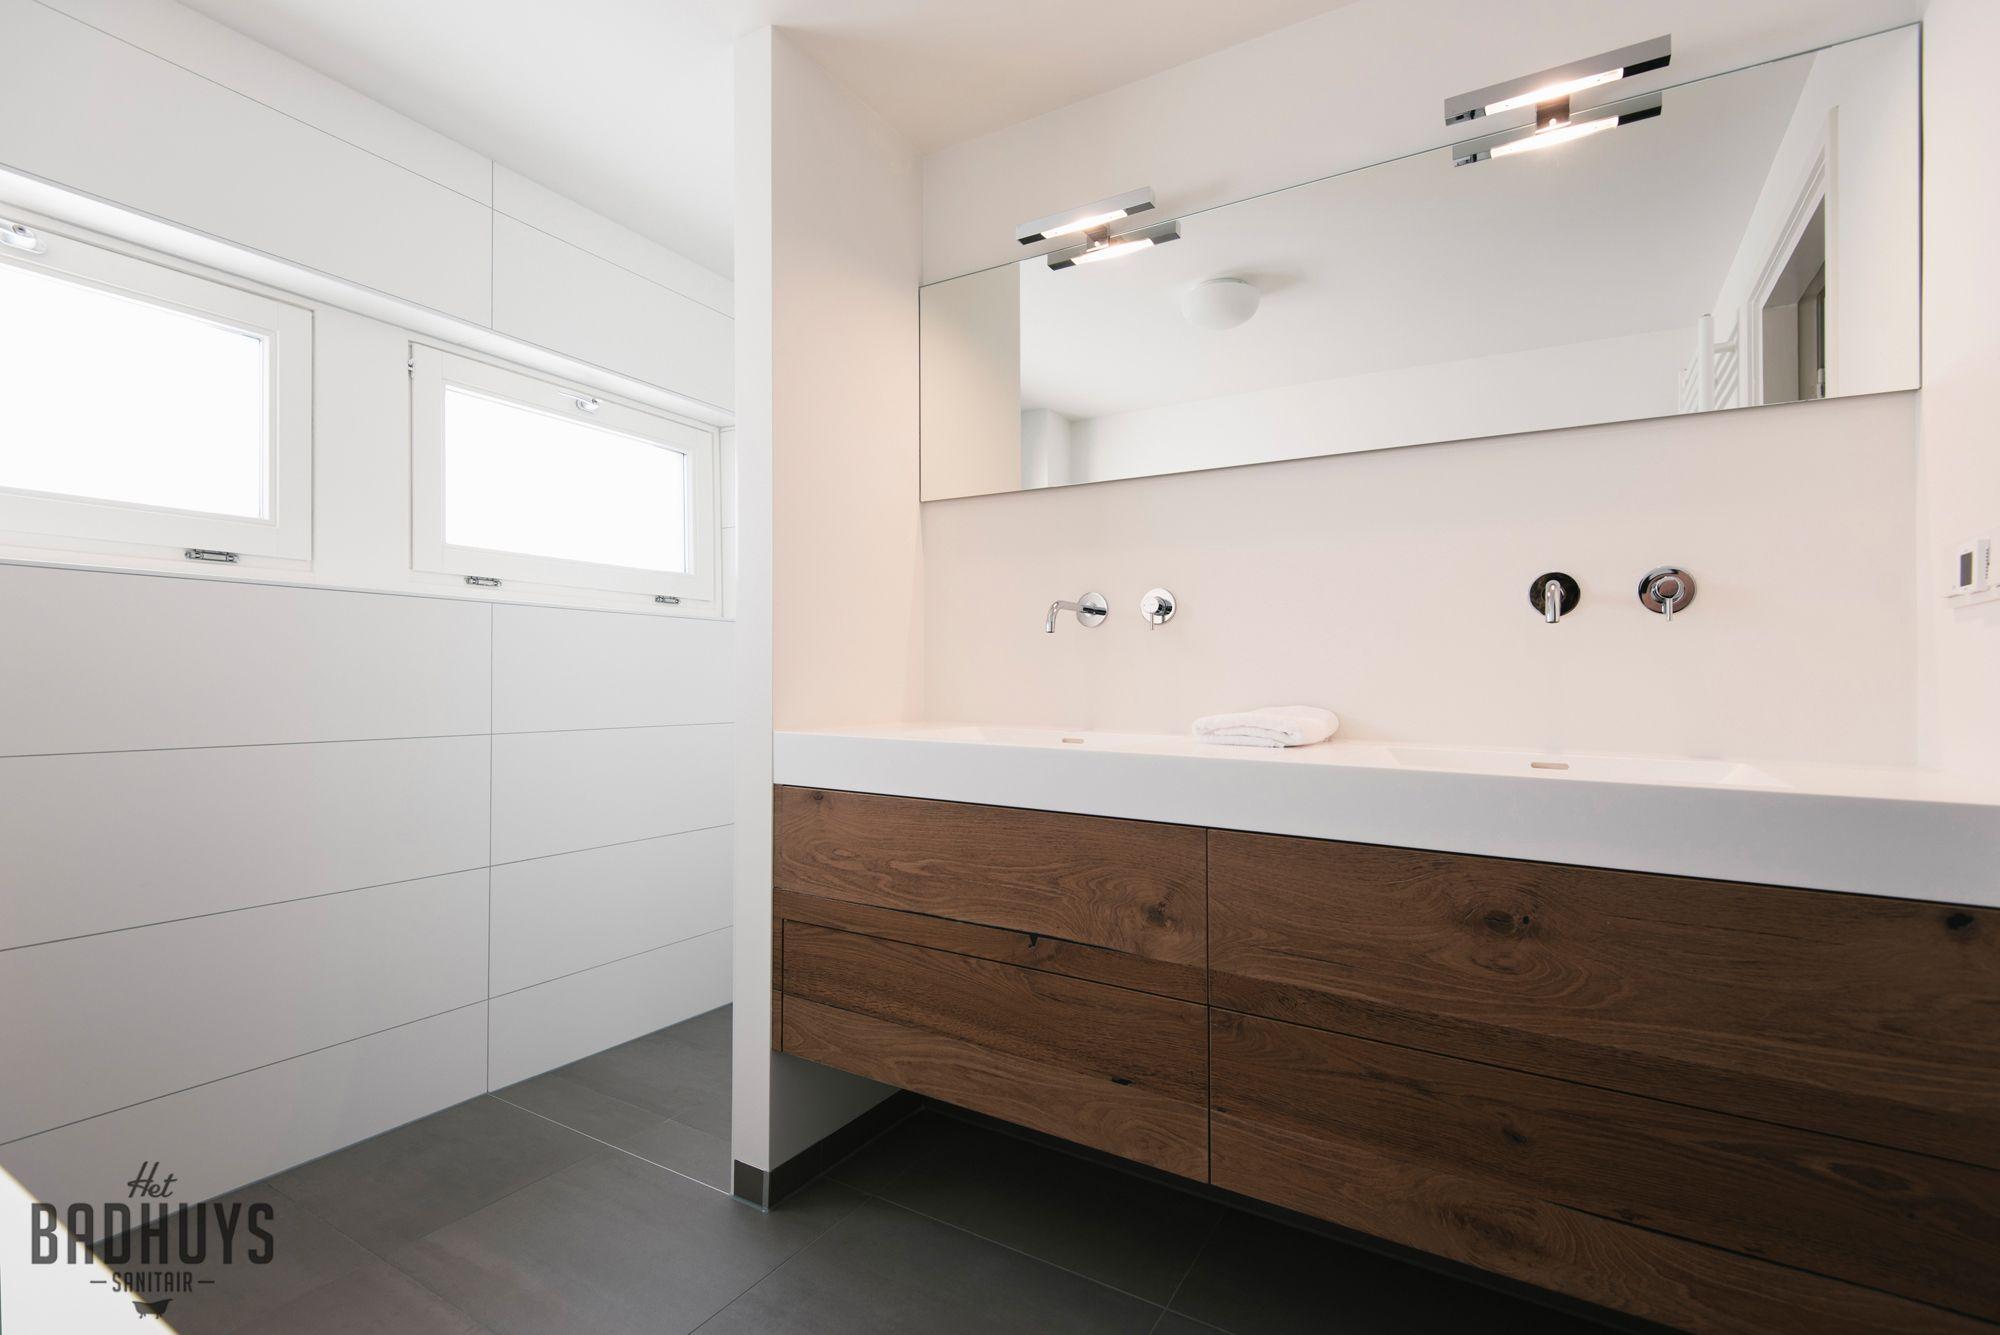 Corian Badkamer Wanden : Moderne badkamer met meubel vervaardigd uit corian en robuust hout